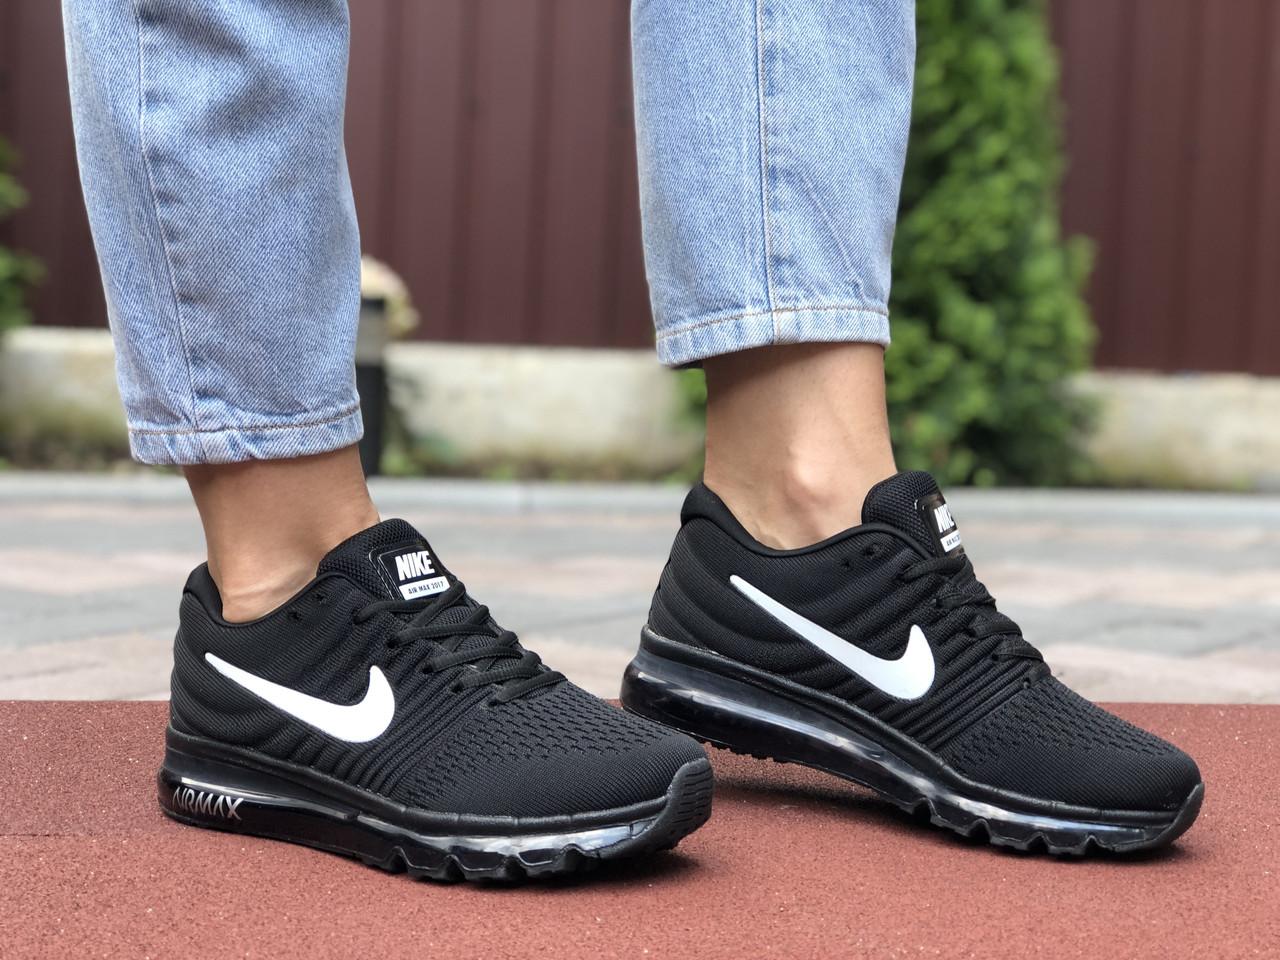 Женские кроссовки Nike Air Max 2017 black/white. [Размеры в наличии: 36,37,38,39]